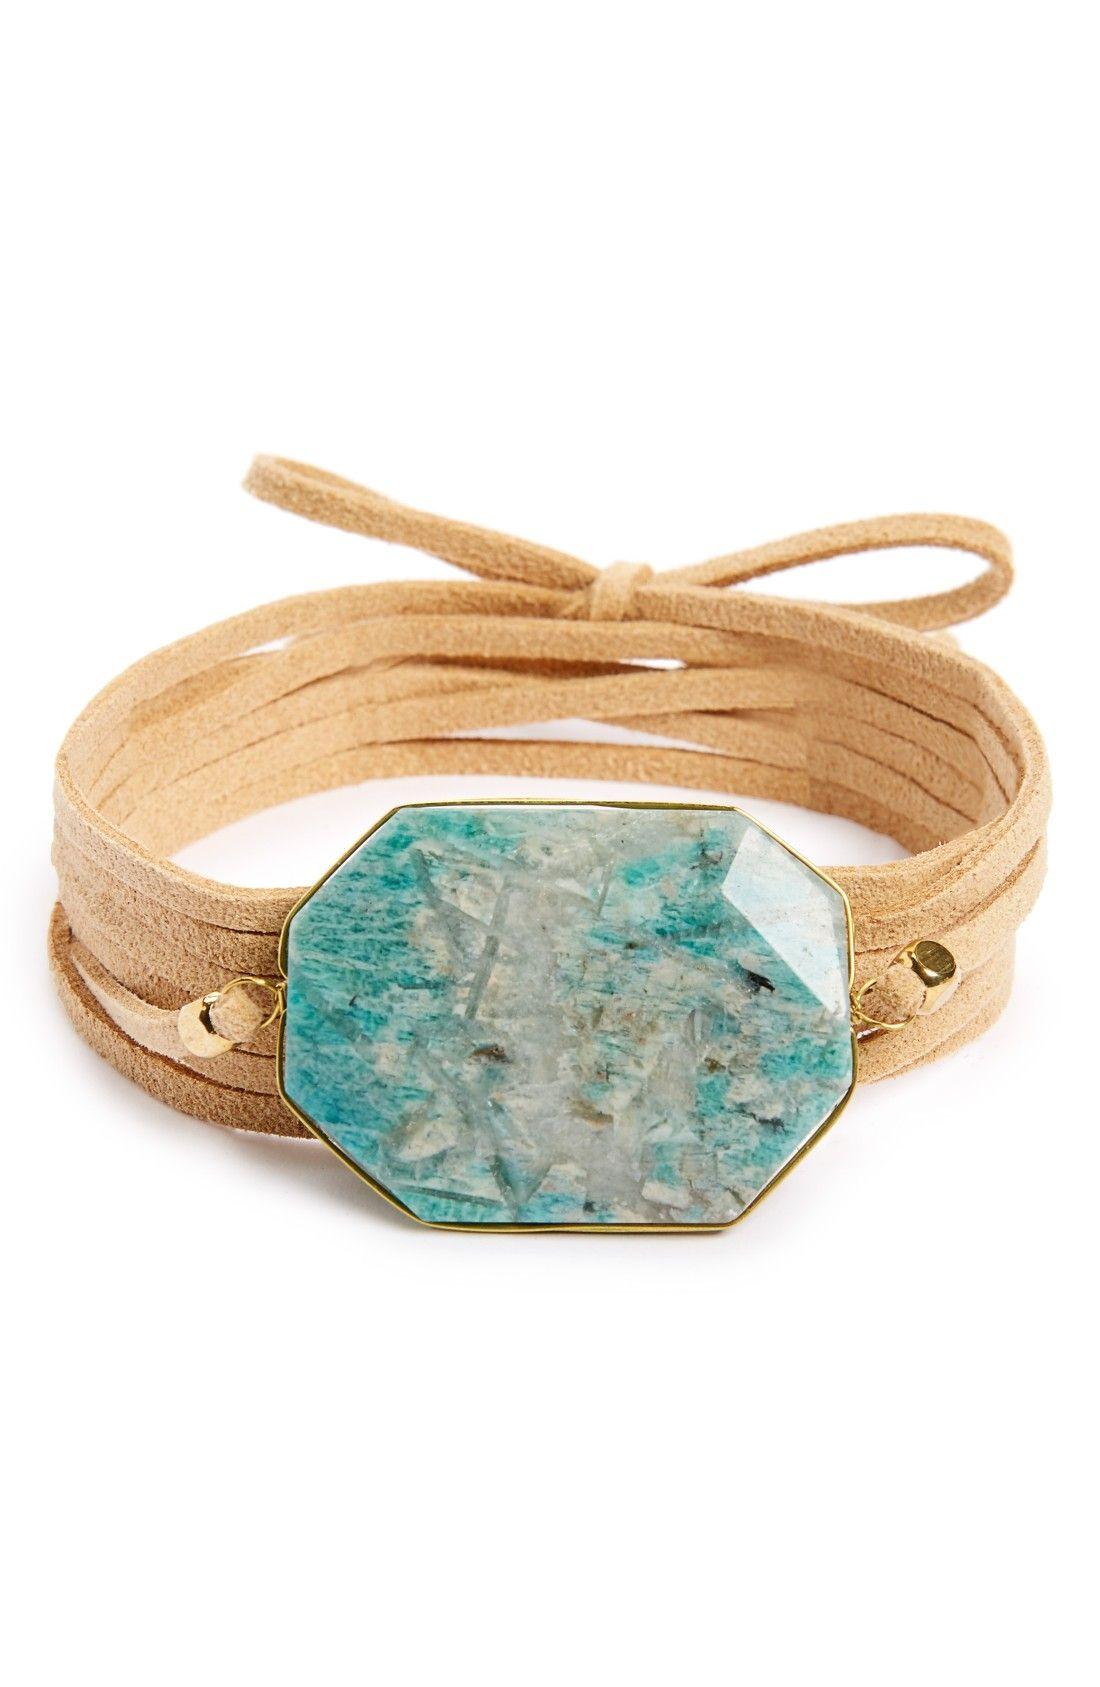 Stone & Suede Wrap Bracelet